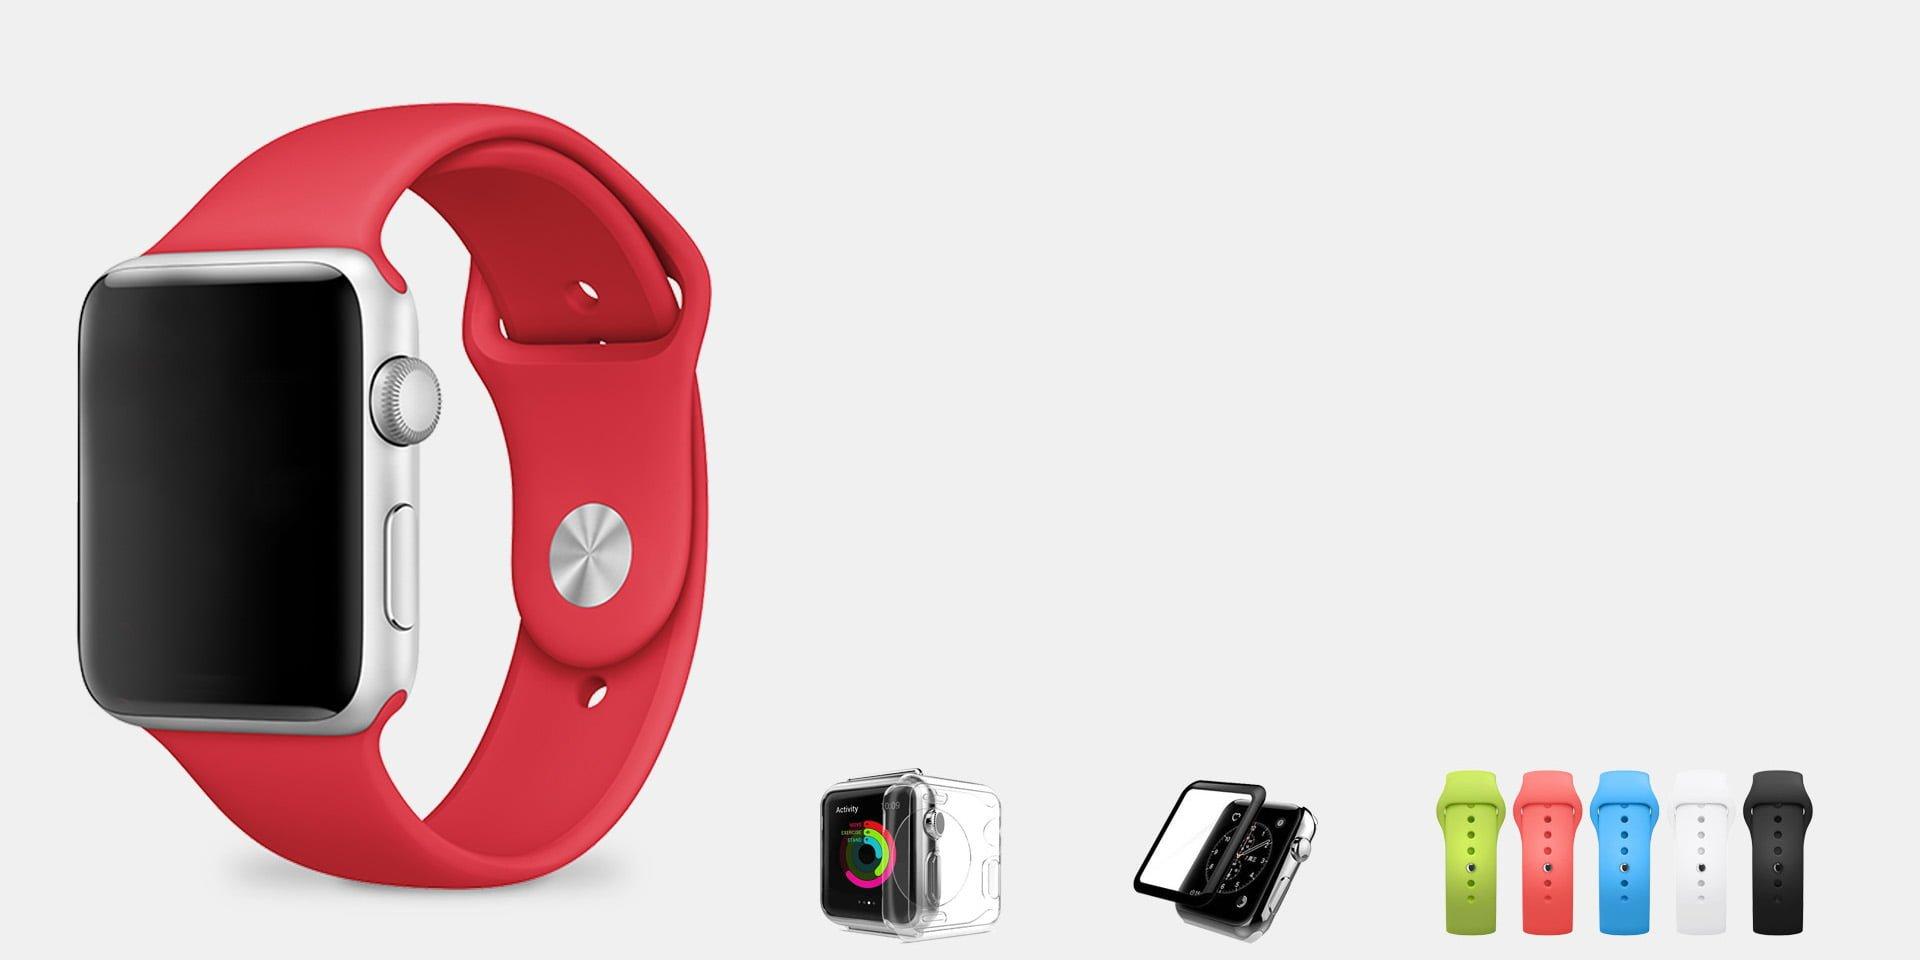 Cumpara produse din categoria Apple Watch de 200 lei si beneficiezi de 10% discount.